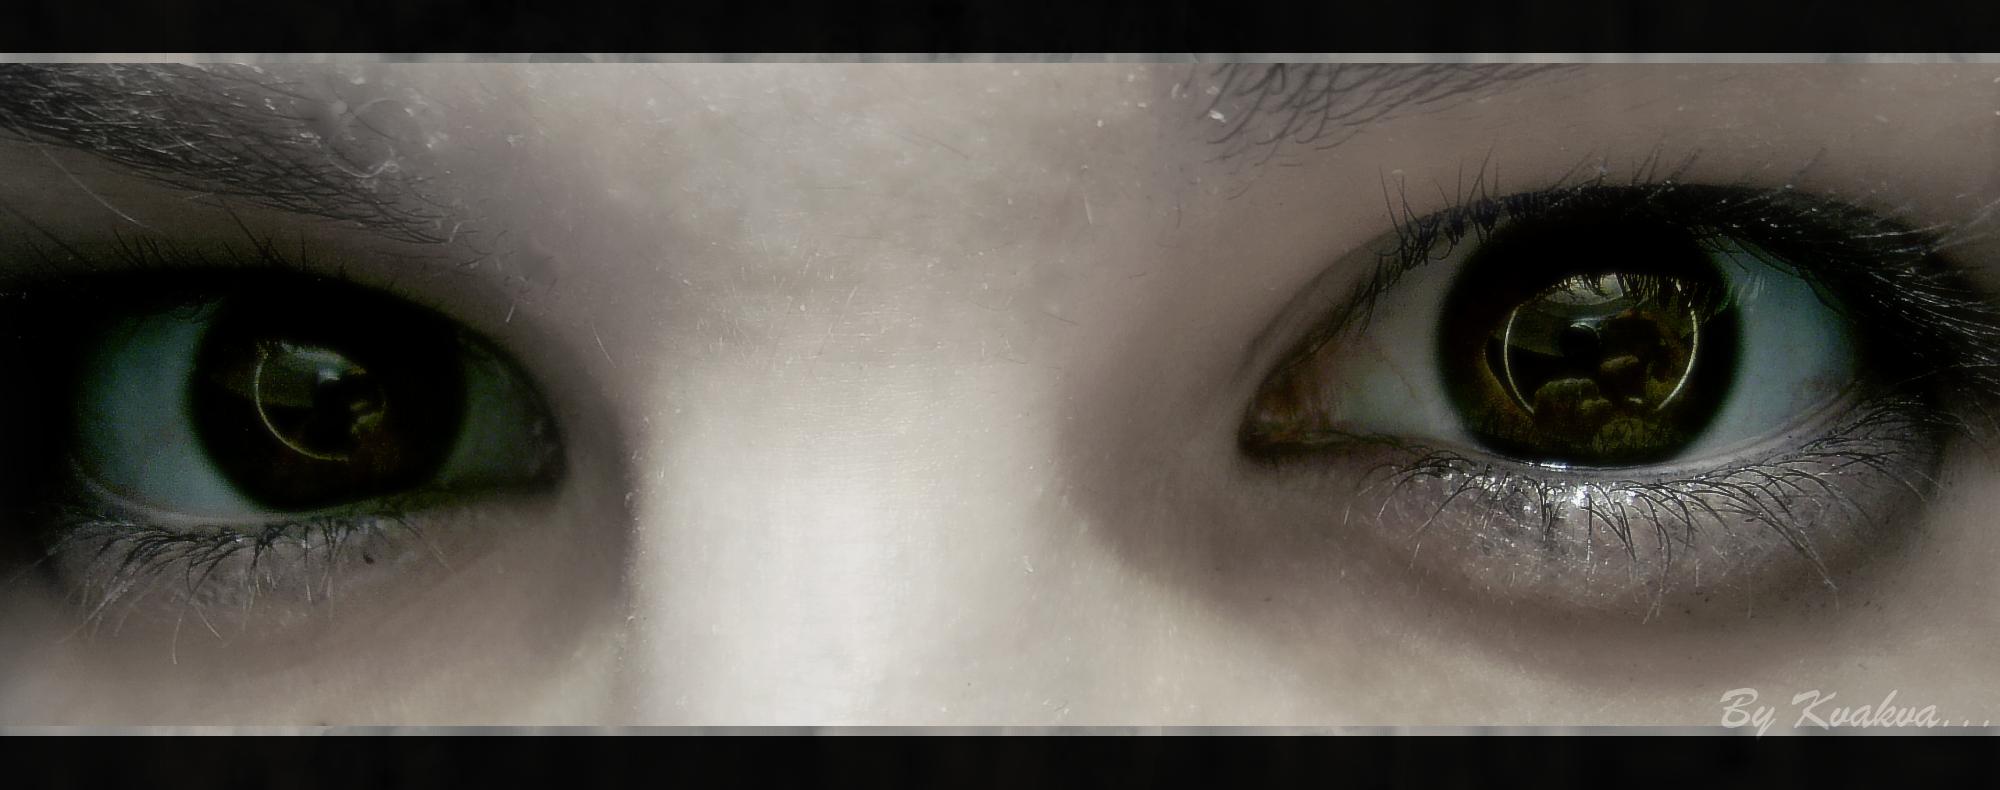 http://fc01.deviantart.net/fs71/f/2012/054/0/d/just_eyes____by_kva_kva-d4qpule.png